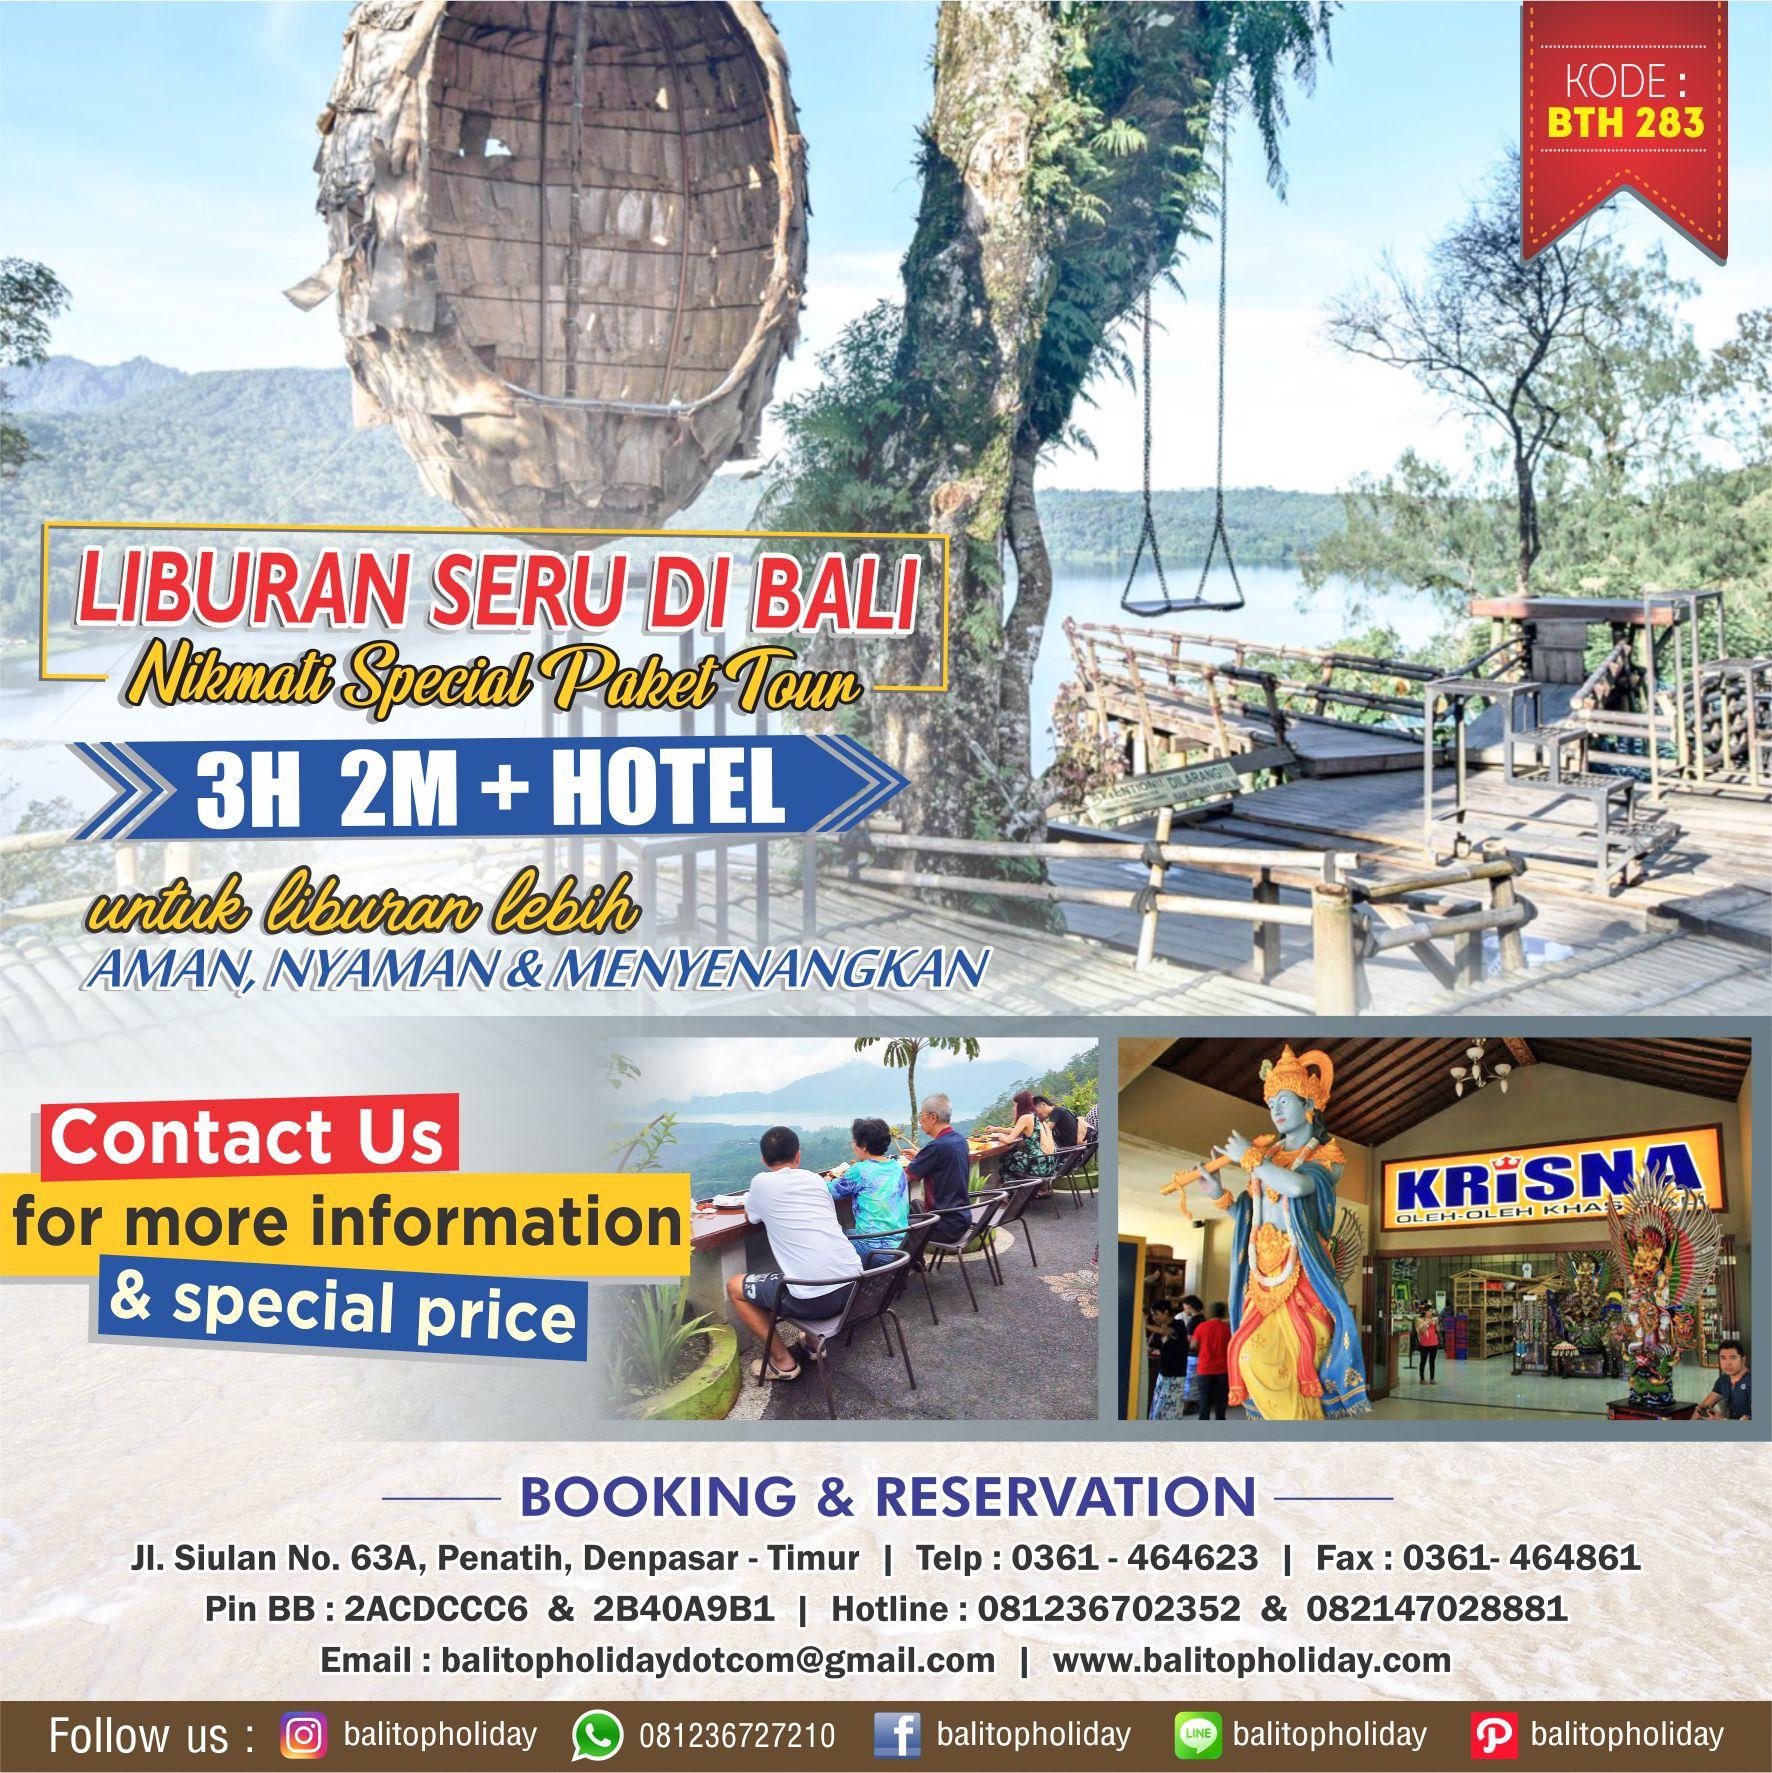 Paket Tour Bali 3 Hari 2 Malam Opsi C BTH 283